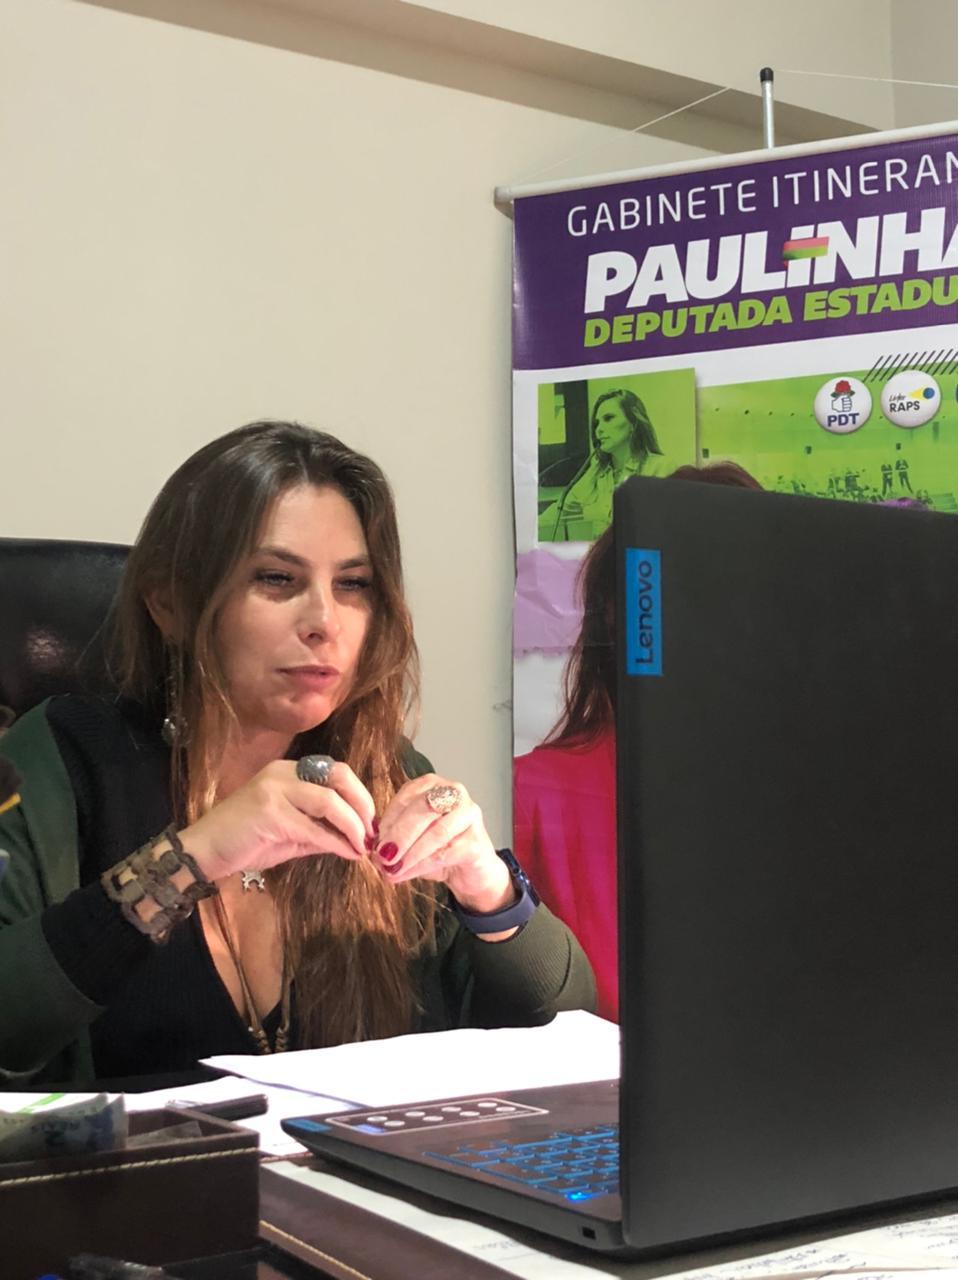 Com relatoria da deputada Paulinha, PL que altera Código de Proteção aos Animais avança no Parlamento